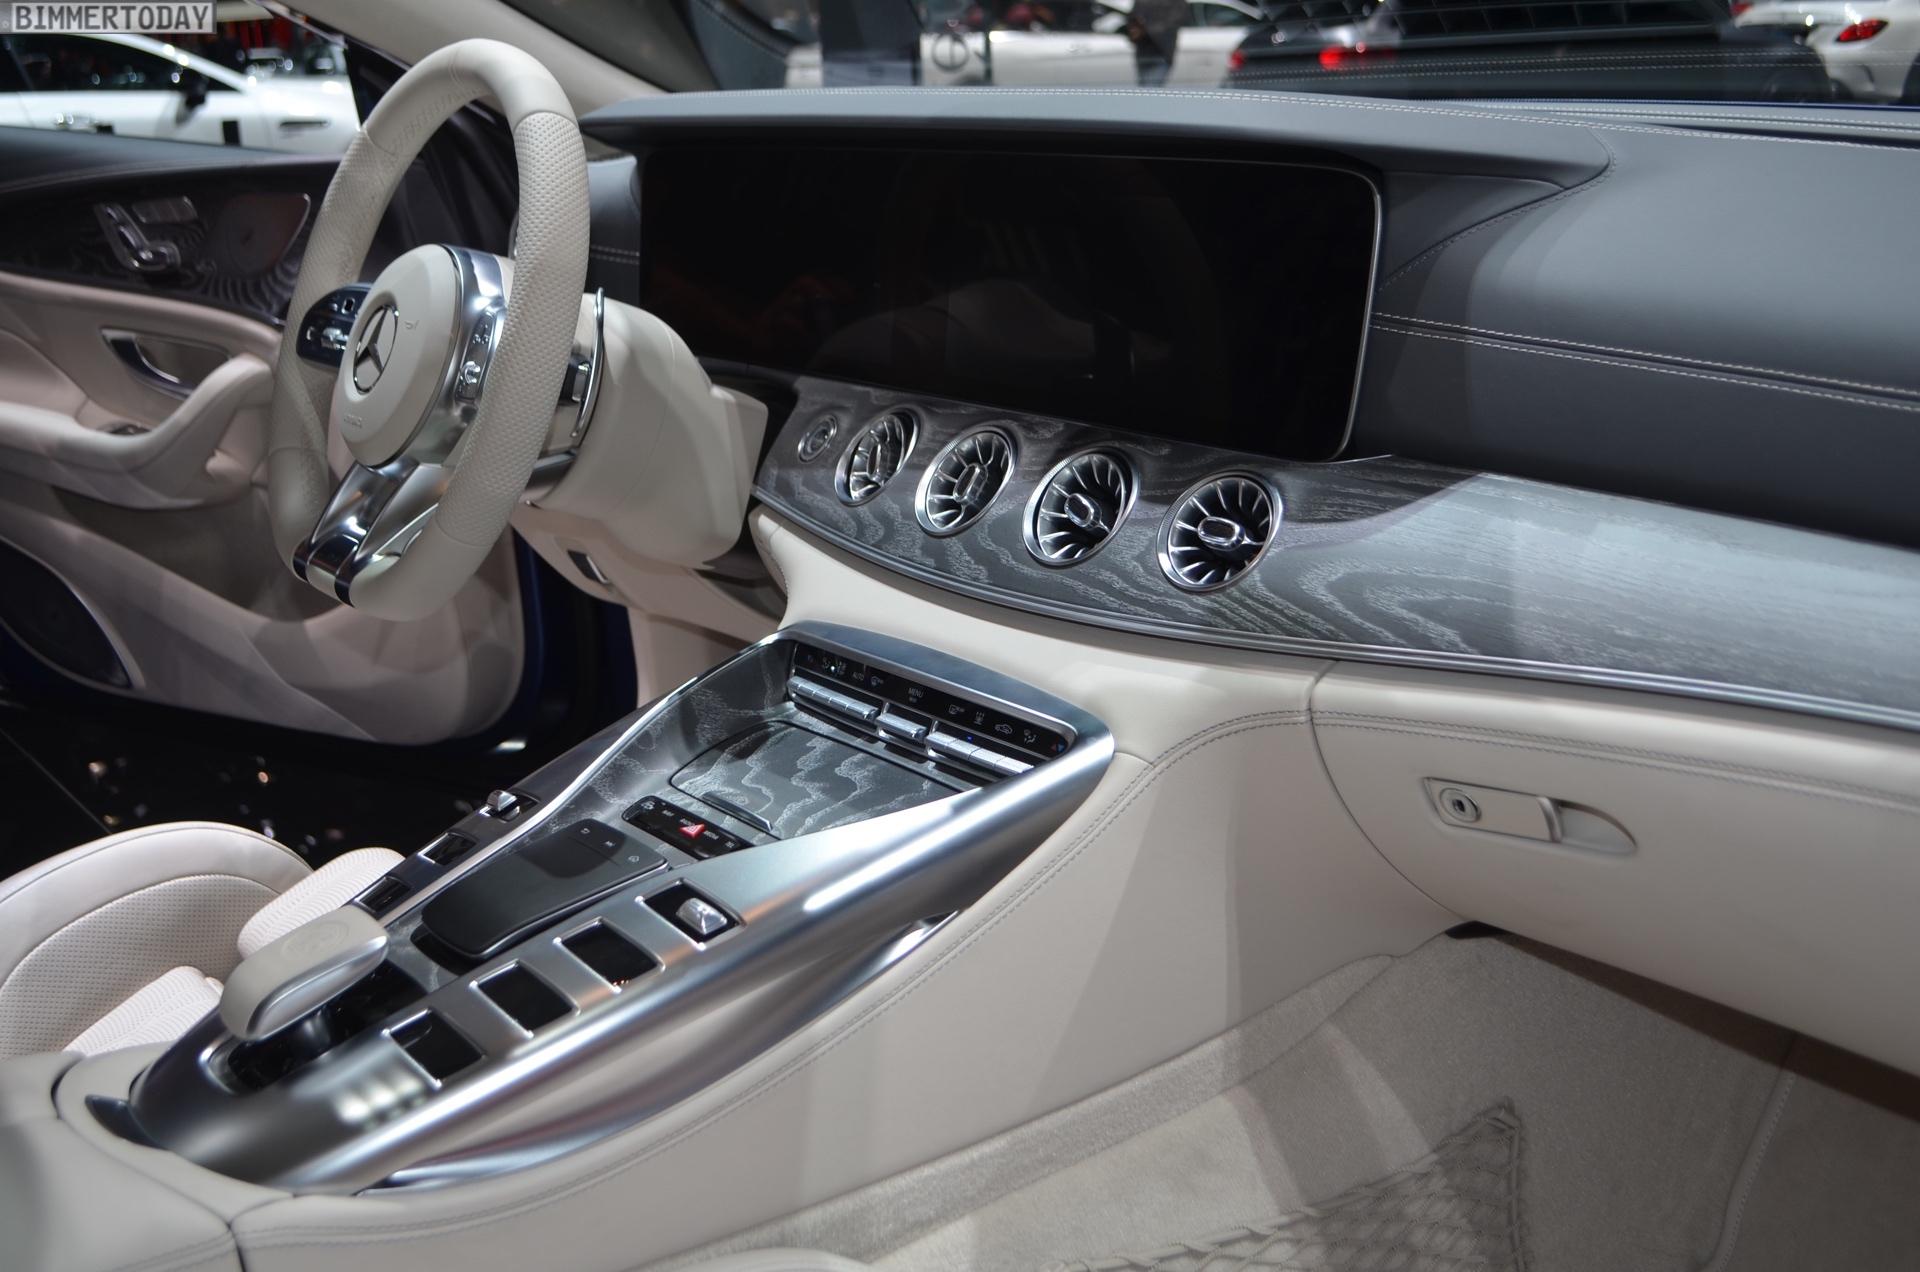 https://cdn.bmwblog.com/wp-content/uploads/2018/03/Genf-2018-Mercedes-AMG-GT-4-Tuerer-Coupe-X290-Interieur-Live-05.jpg